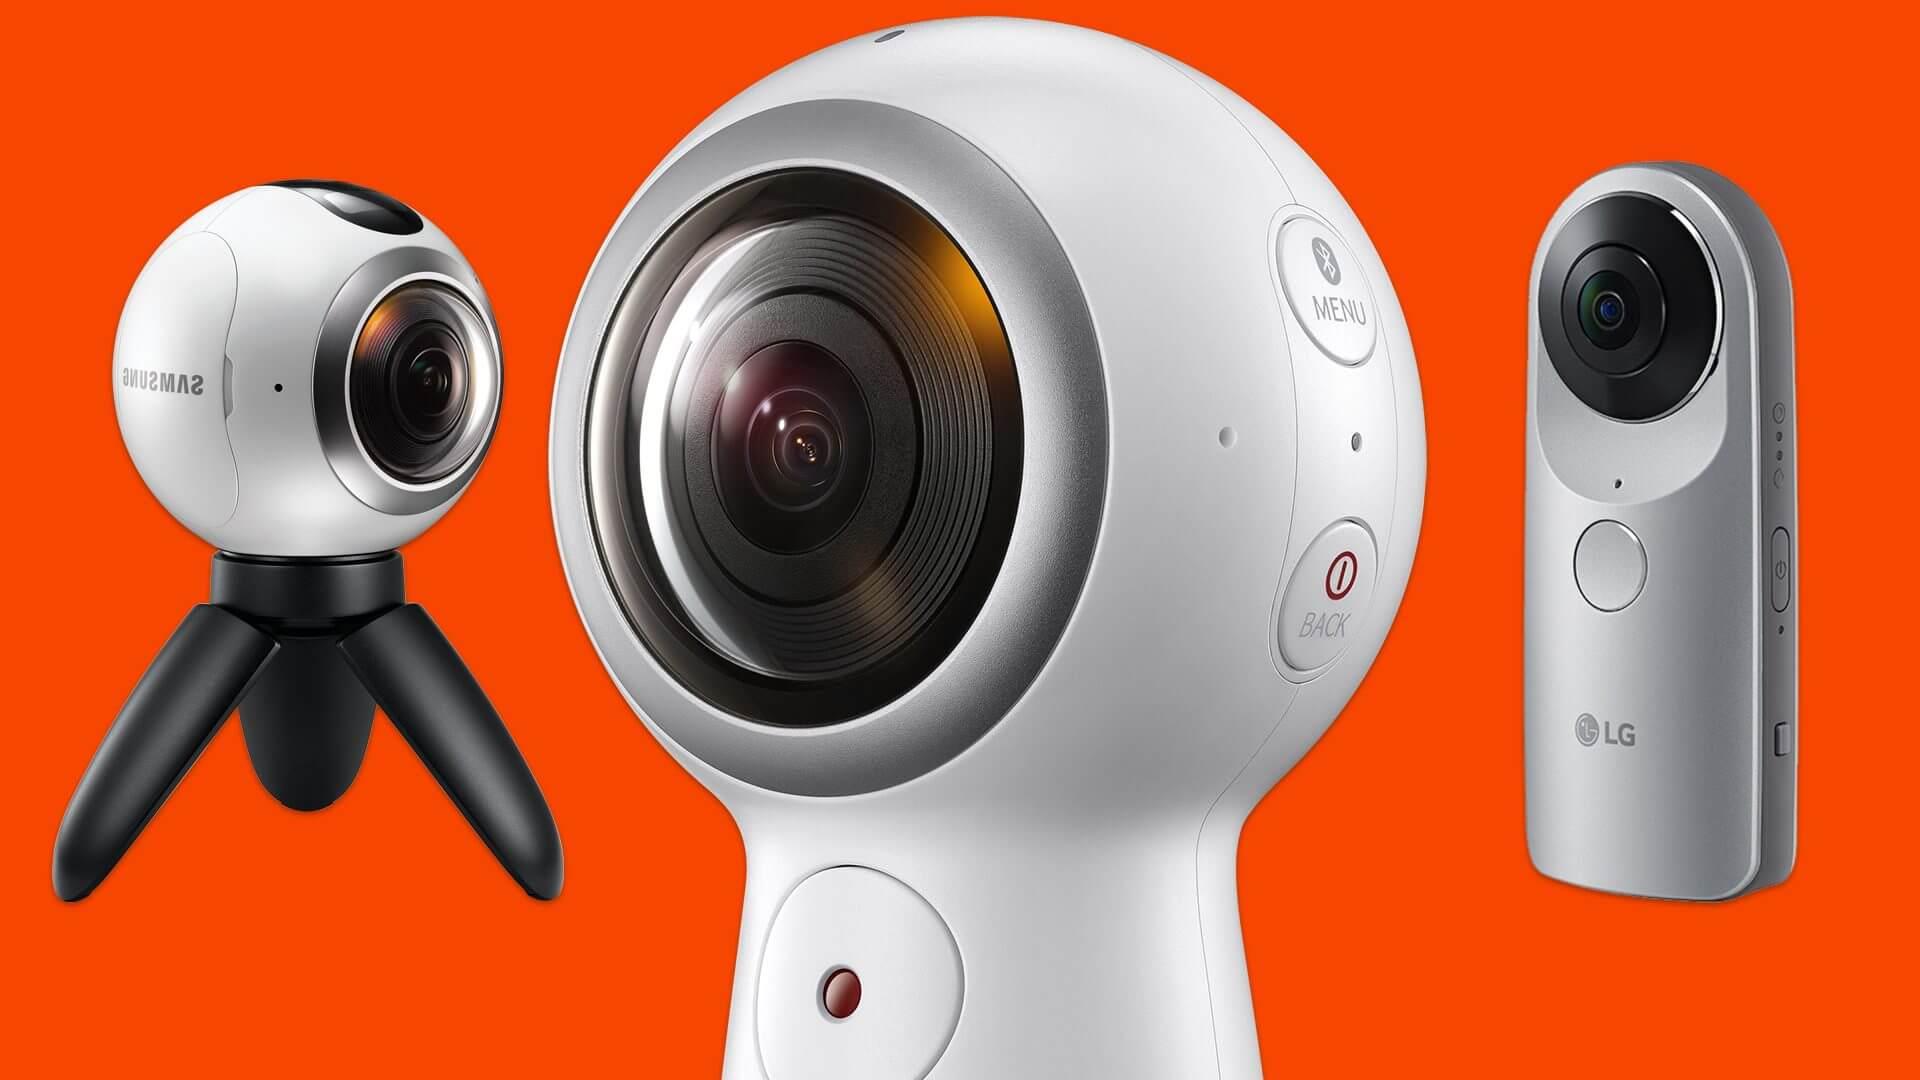 Especial cameras 360 showmetech